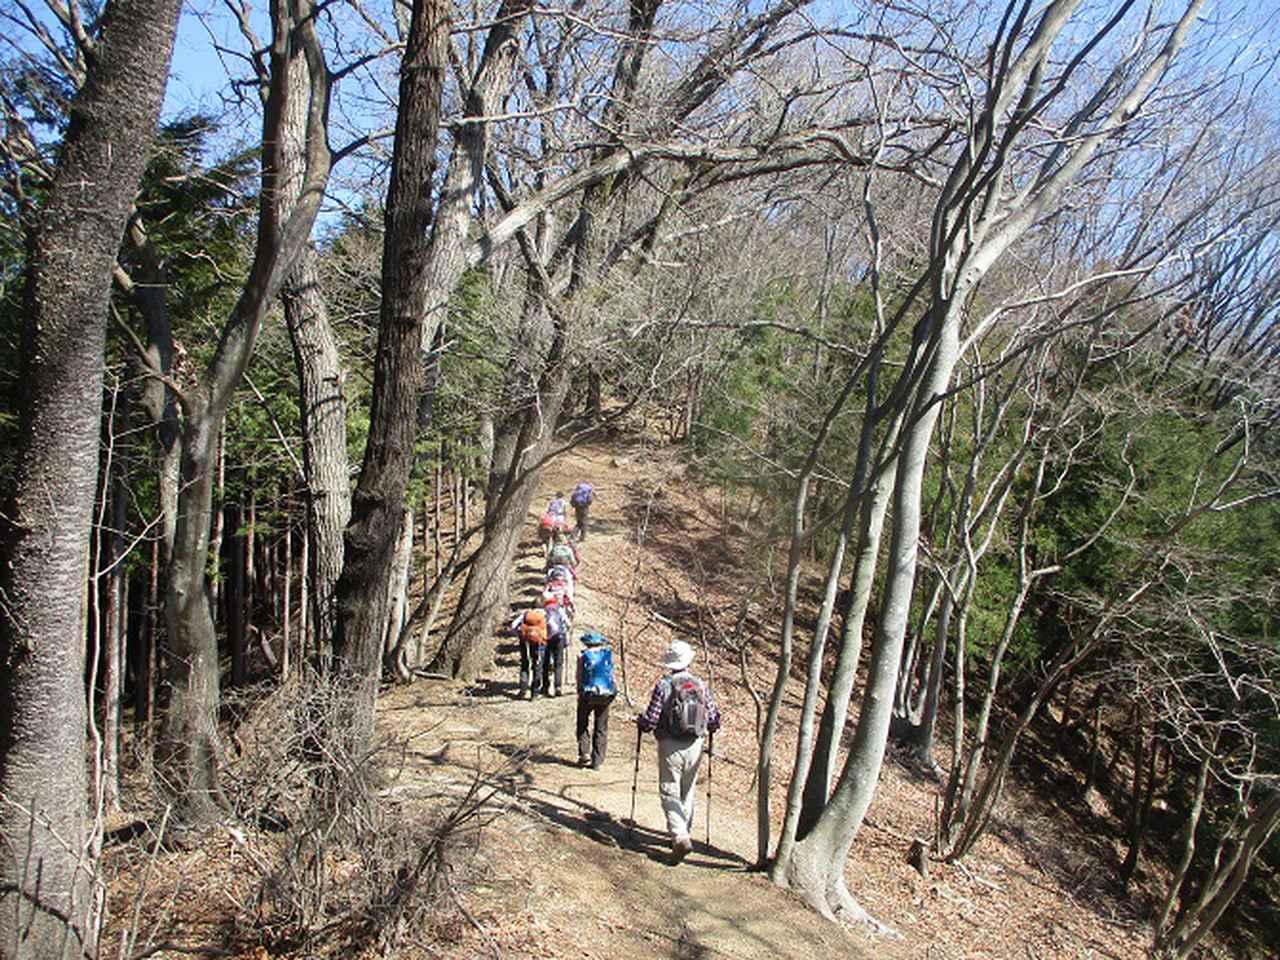 画像6: 3月3日に山旅会 堂上セツブンソウと破風山 のツアーに行ってきました!